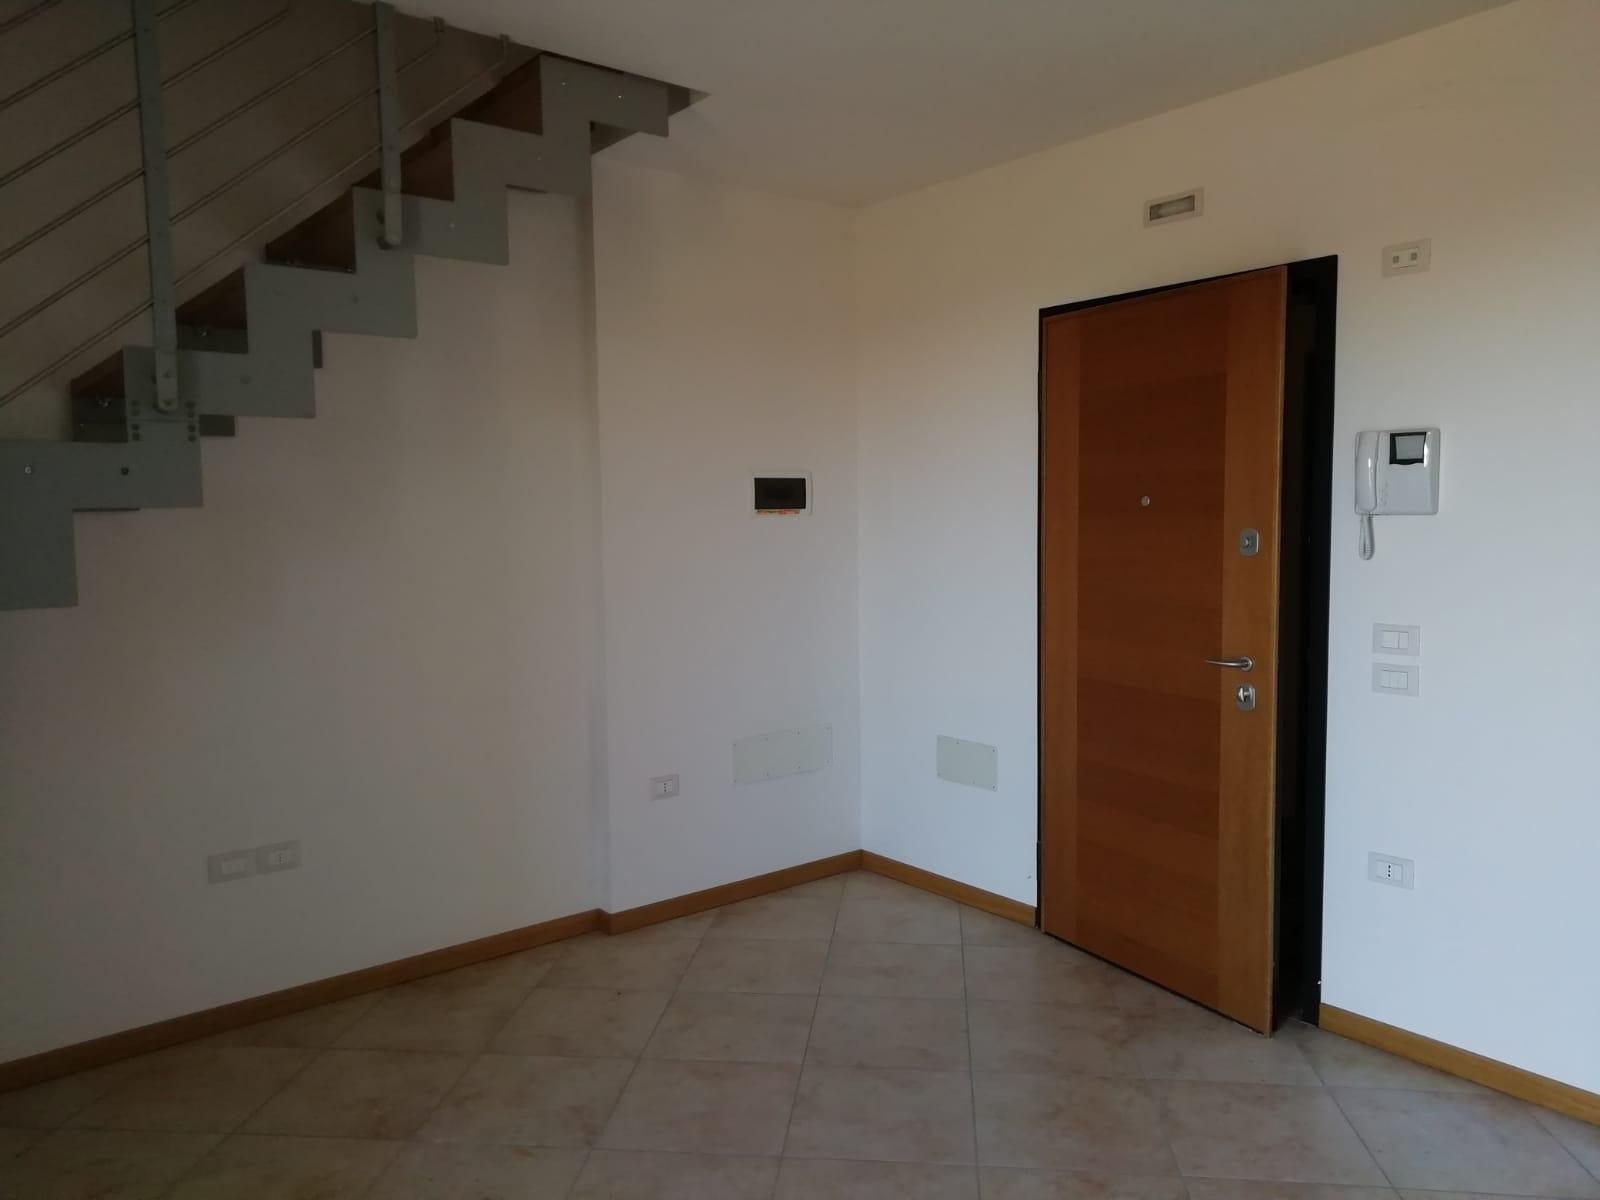 Appartamento in vendita a Preganziol, 5 locali, zona ughè, prezzo € 135.000 | PortaleAgenzieImmobiliari.it